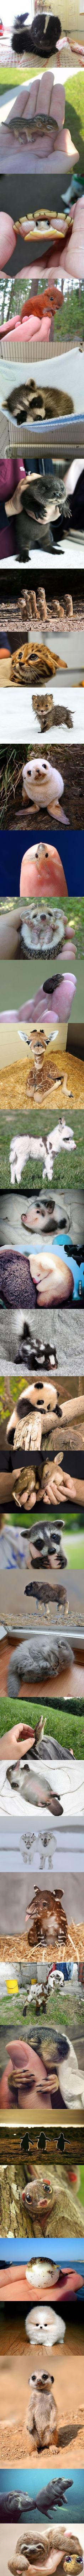 Esto es demasiado adorable!!! <3